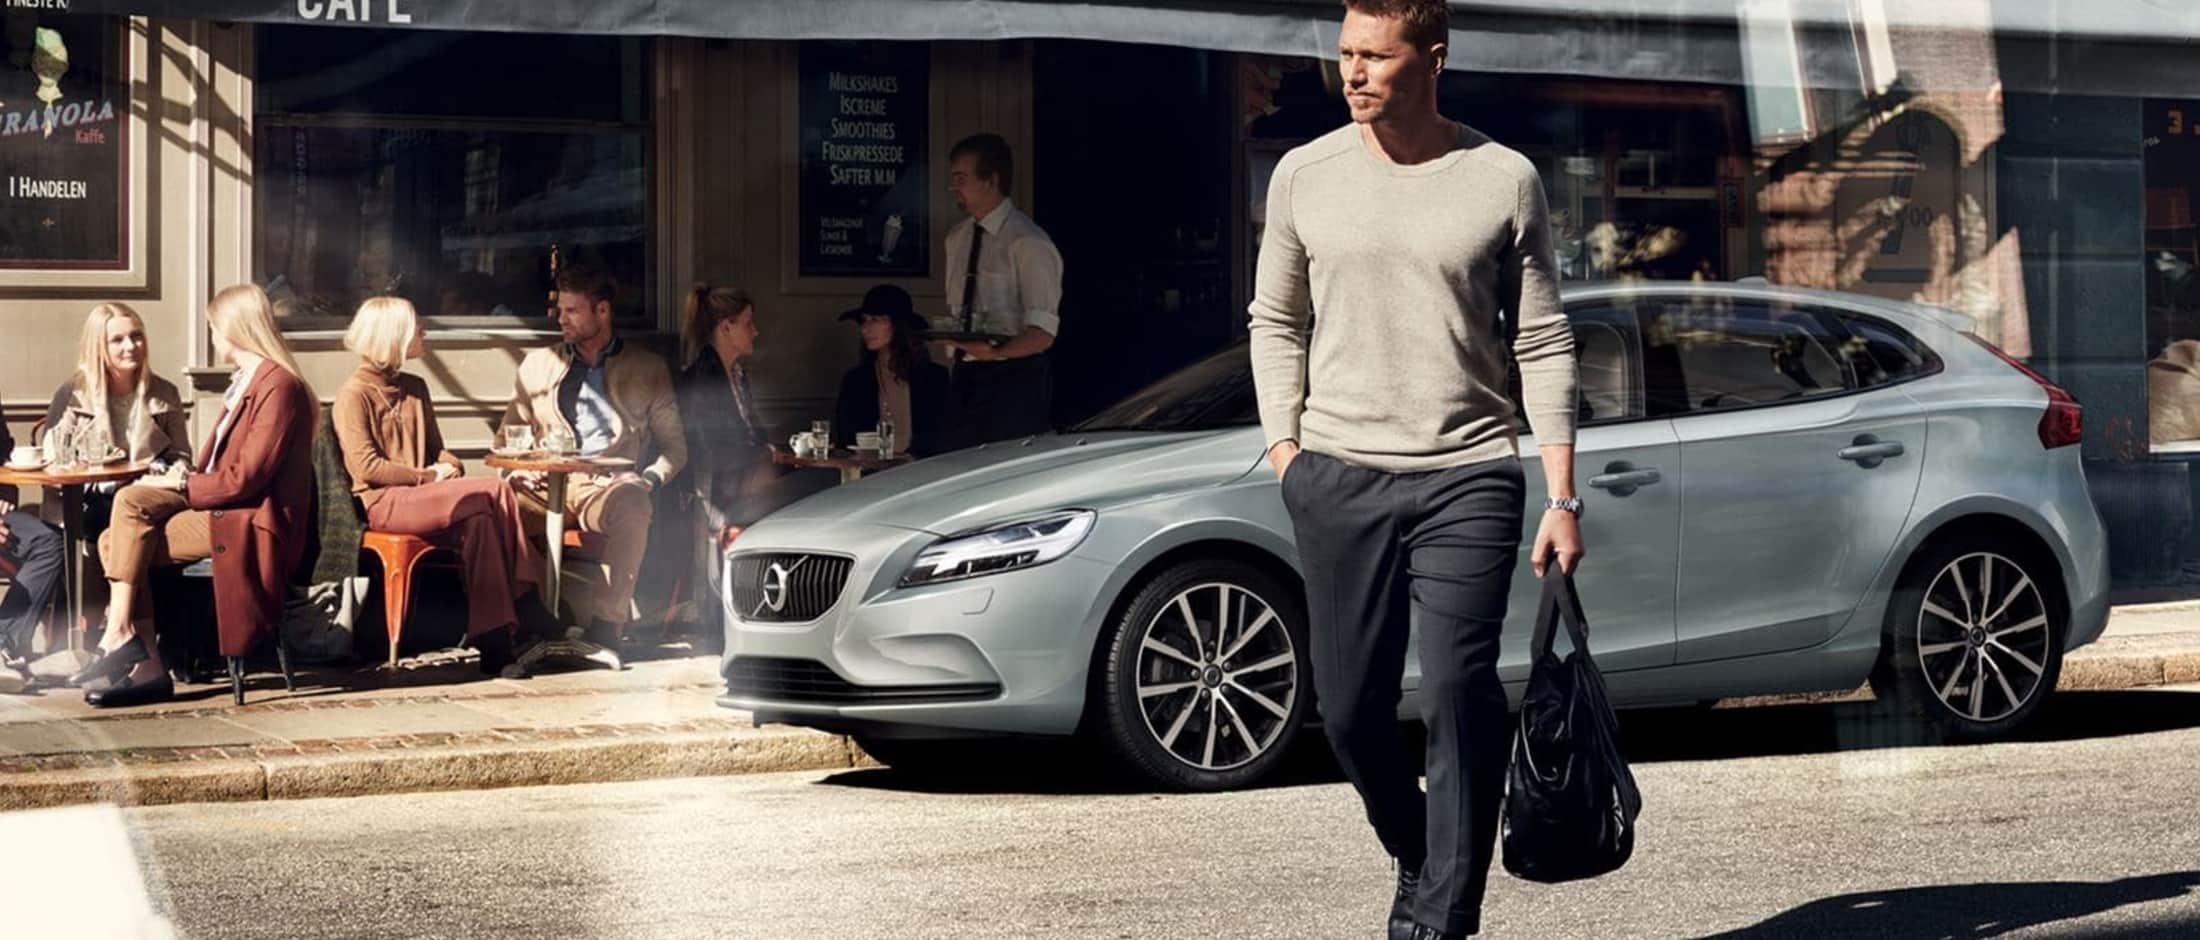 Volvo V40 Momentum parkert foran cafe mann med veske går mot kamera